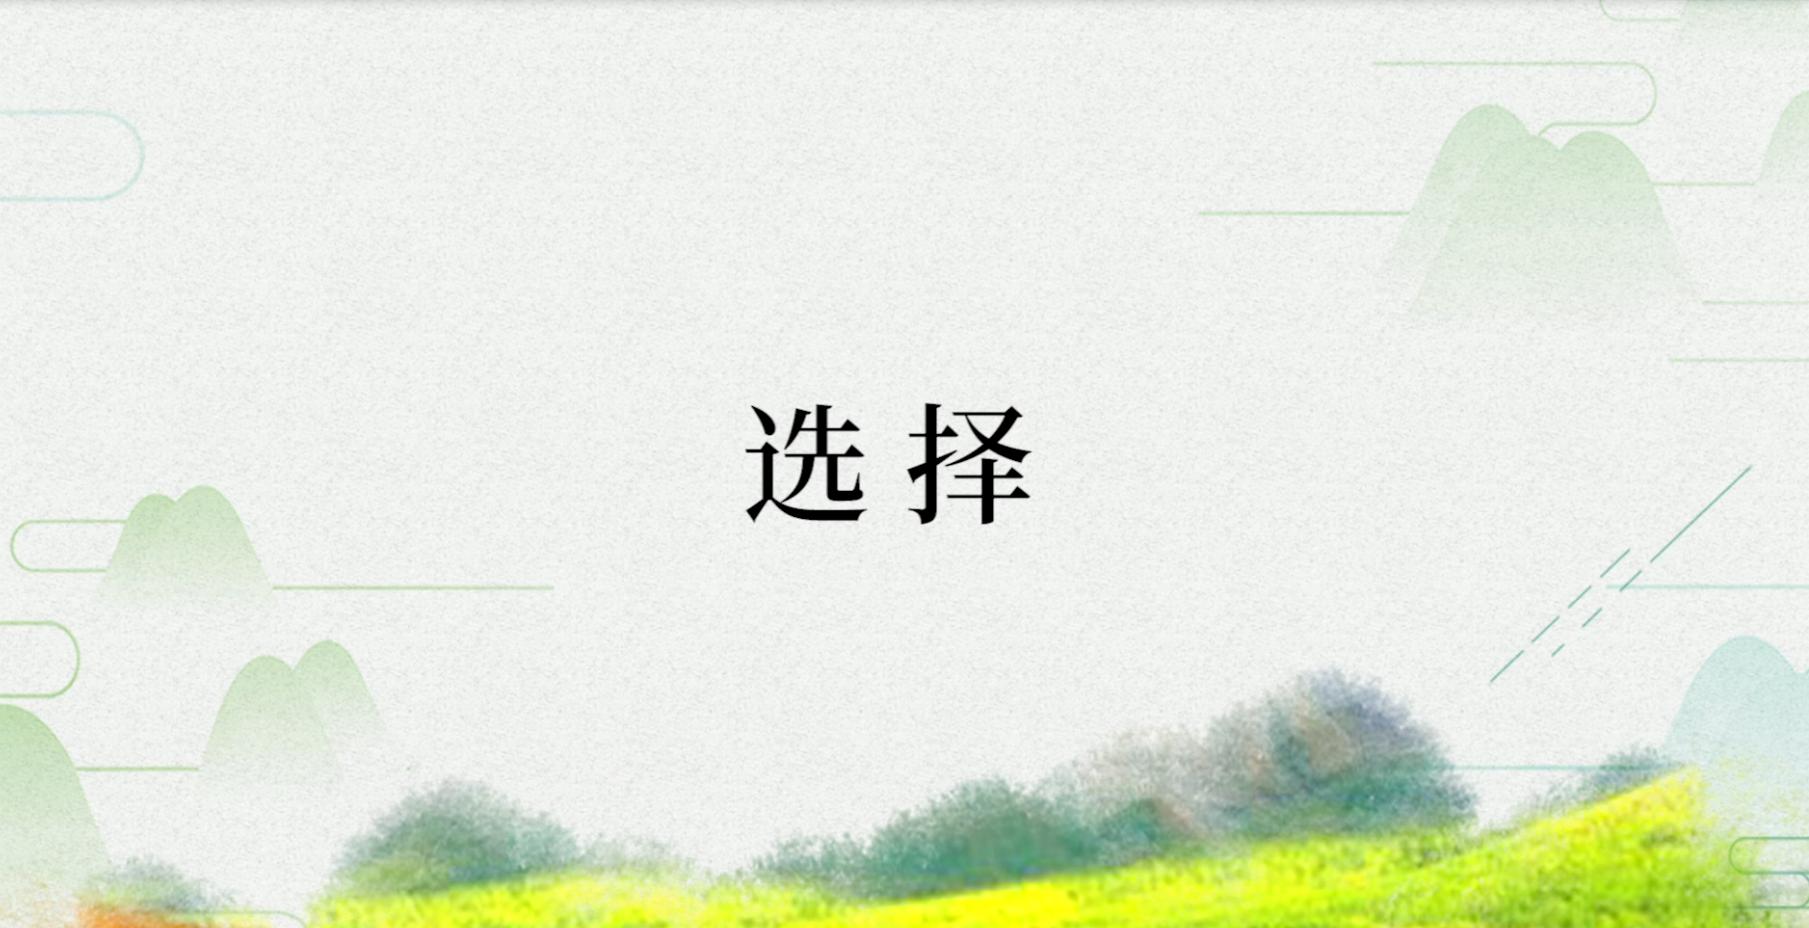 农民日报专题纪录片《见证摆脱贫困》第三集:选择